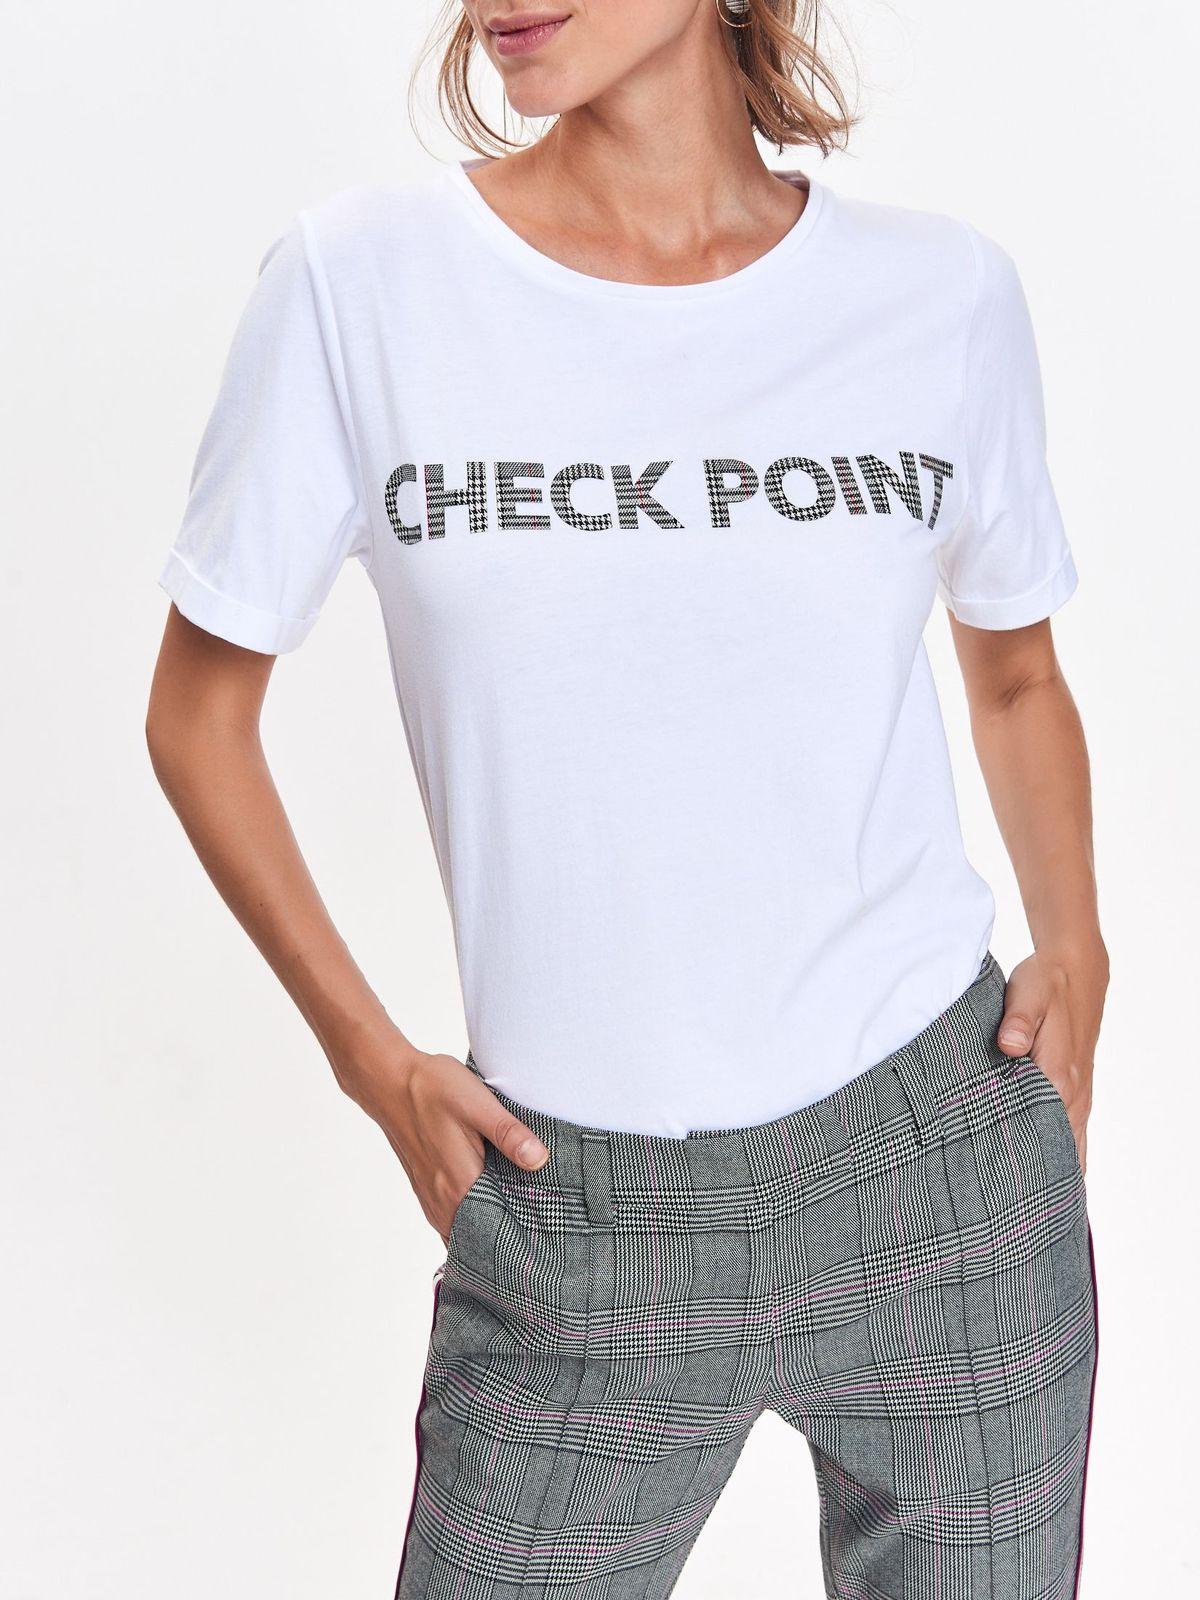 991431c57c03 Tričko s krátkym rukávom biele s čiernym nápisom